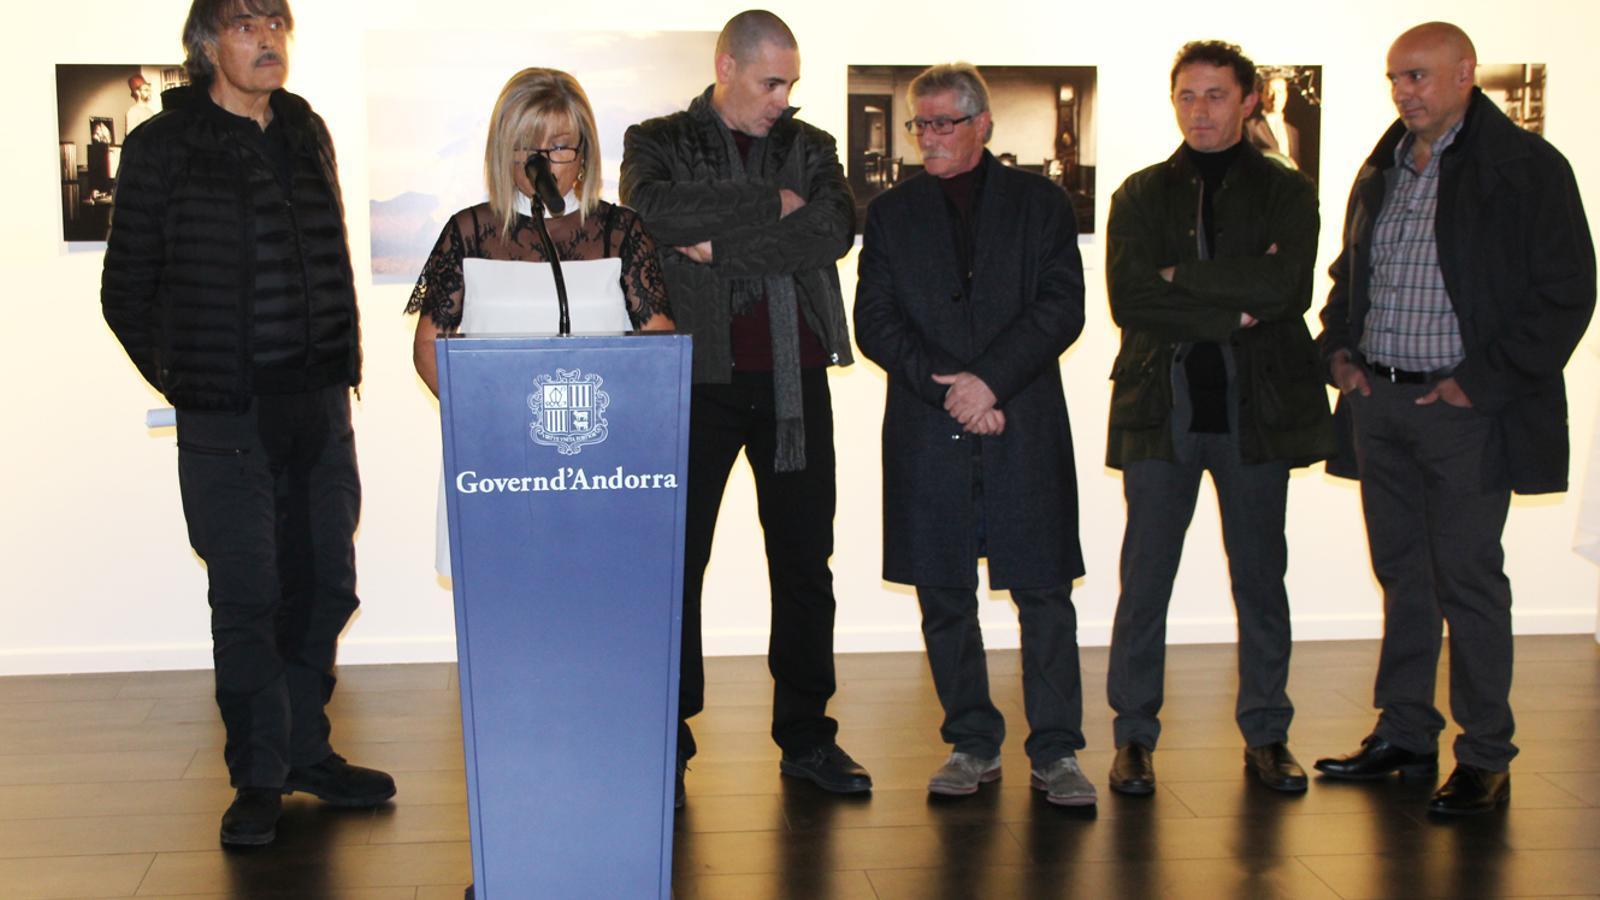 D'esquerra a dreta, el fotògraf Jaume Riba, la directora de Cultura, Montserrat Planelles, i els quatre autors de les fotografies del projecte 'retratsmúsicsandorra', Pep Aguareles, Lluís Casahuga, José Otero i Robert Verdaguer, durant la inauguració de l'exposició a Artaltoc, aquest dimarts al vespre. / E. J. M. (ANA)